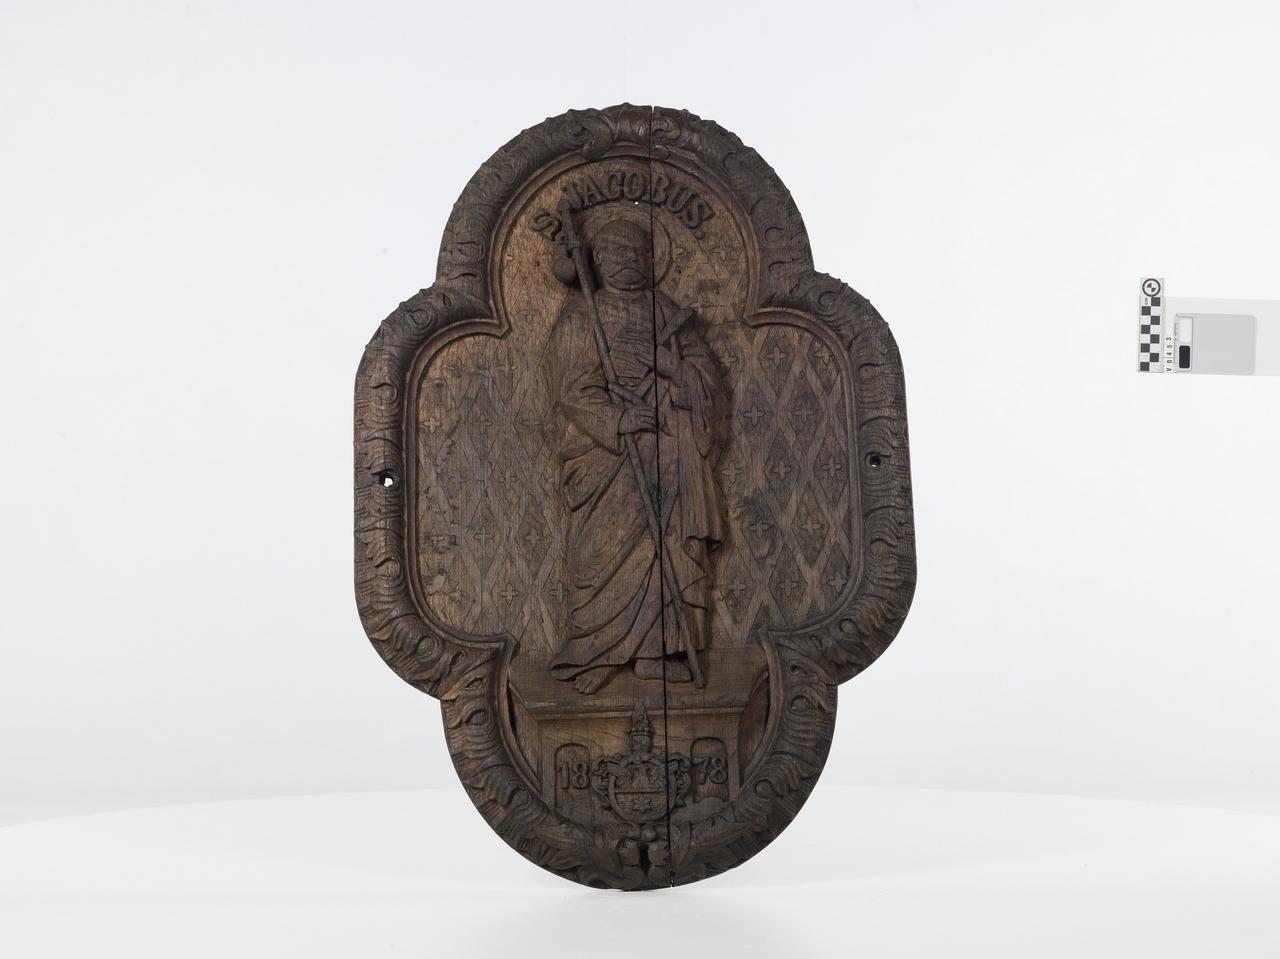 Reliéf zo suda zroku 1878, sv. Jakub - Fassboden mit Relief des Hl. Jakob von 1878